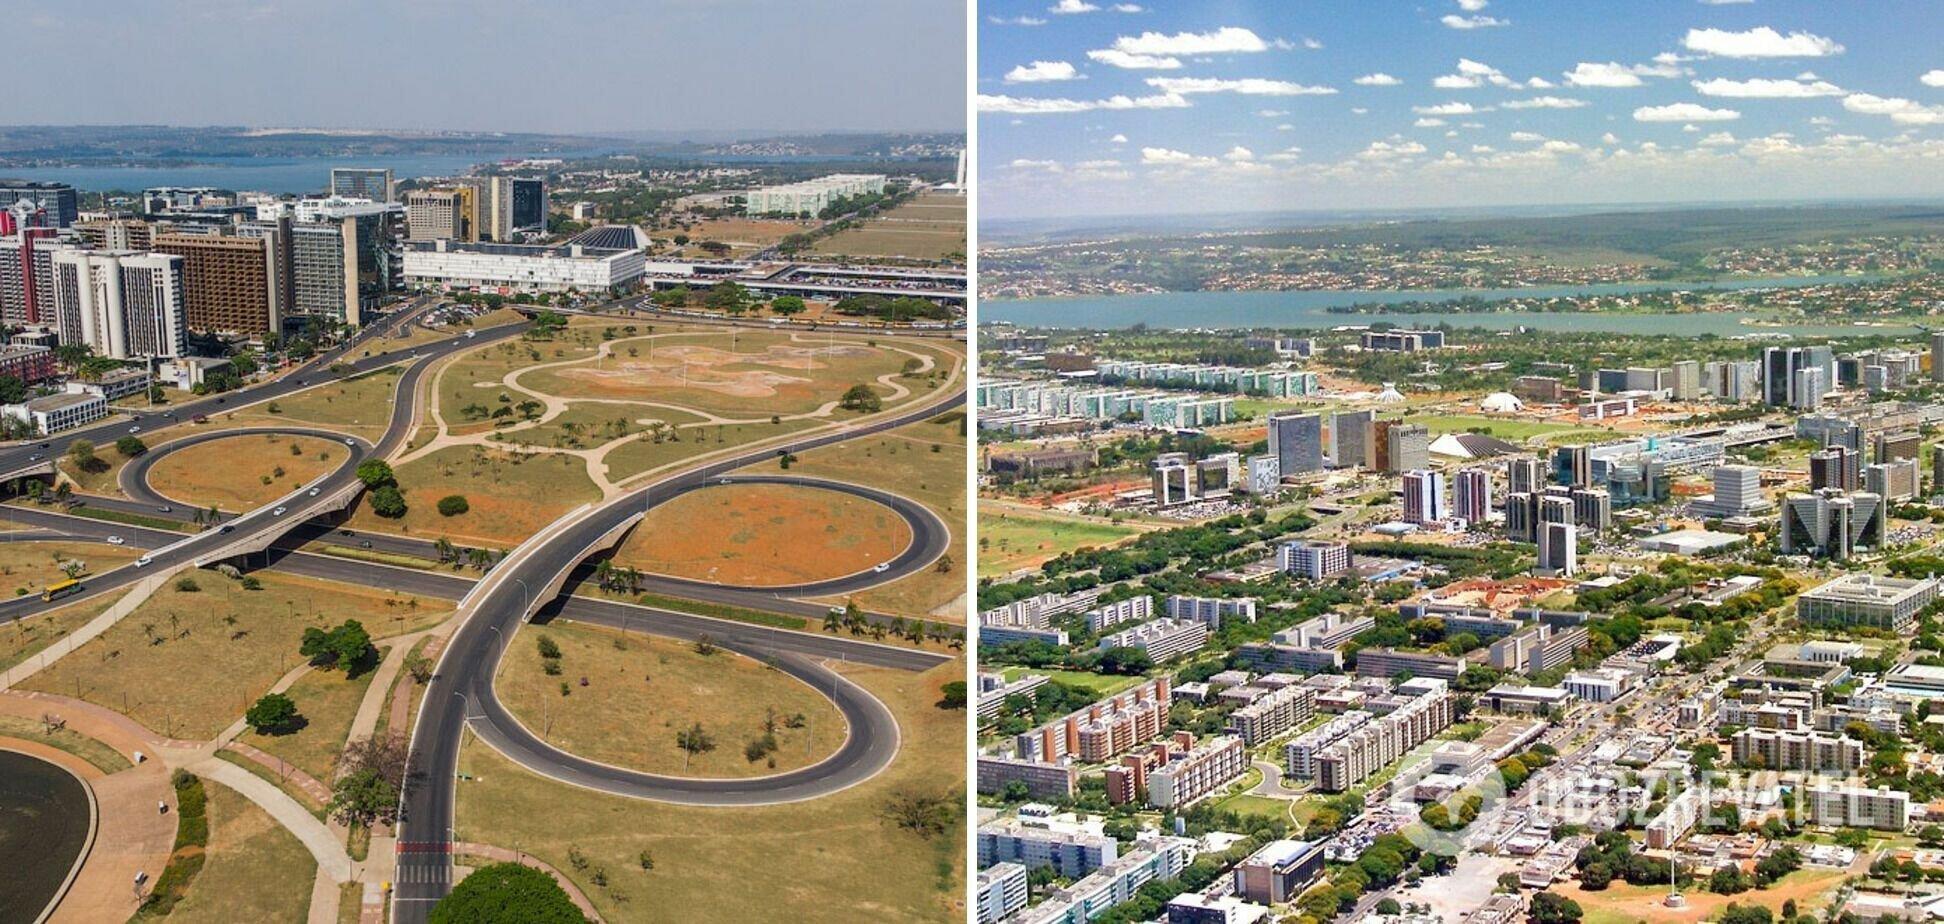 Бразилиа занимает пятое место среди дешевых городов для жизни